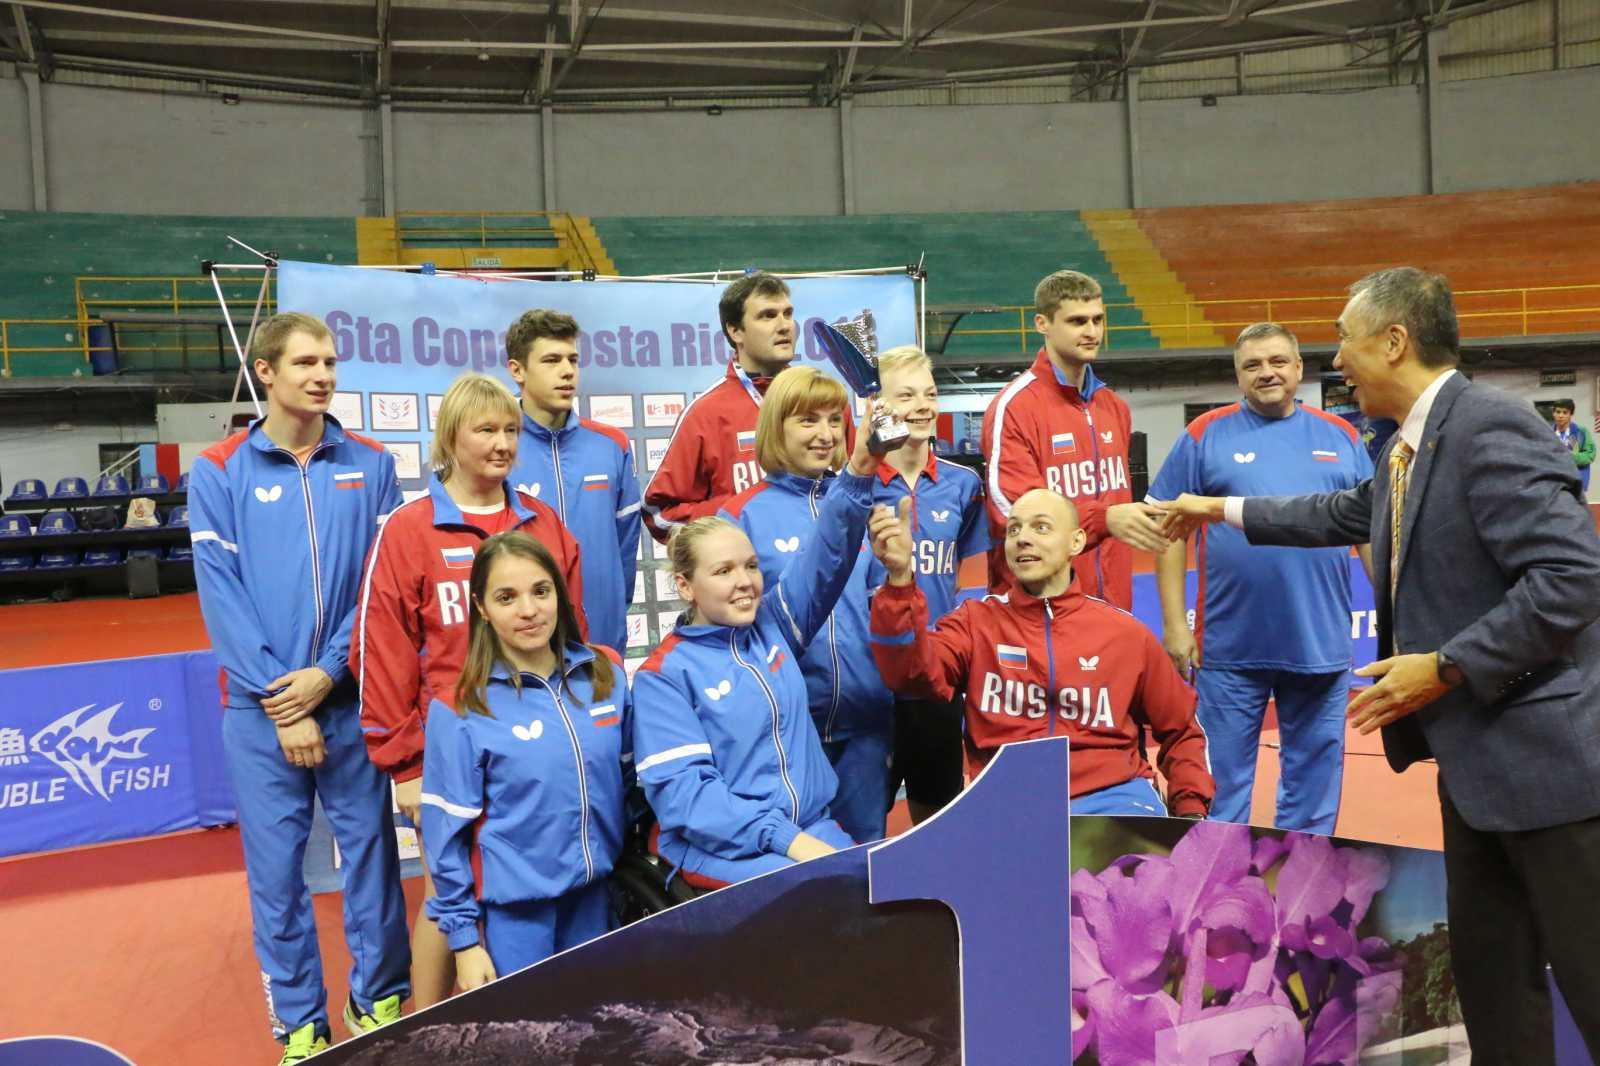 Сборная команда России по настольному теннису спорта лиц с ПОДА завоевала 10 золотых, 1 серебряную и 2 бронзовые медали на международных соревнованиях в Коста-Рике